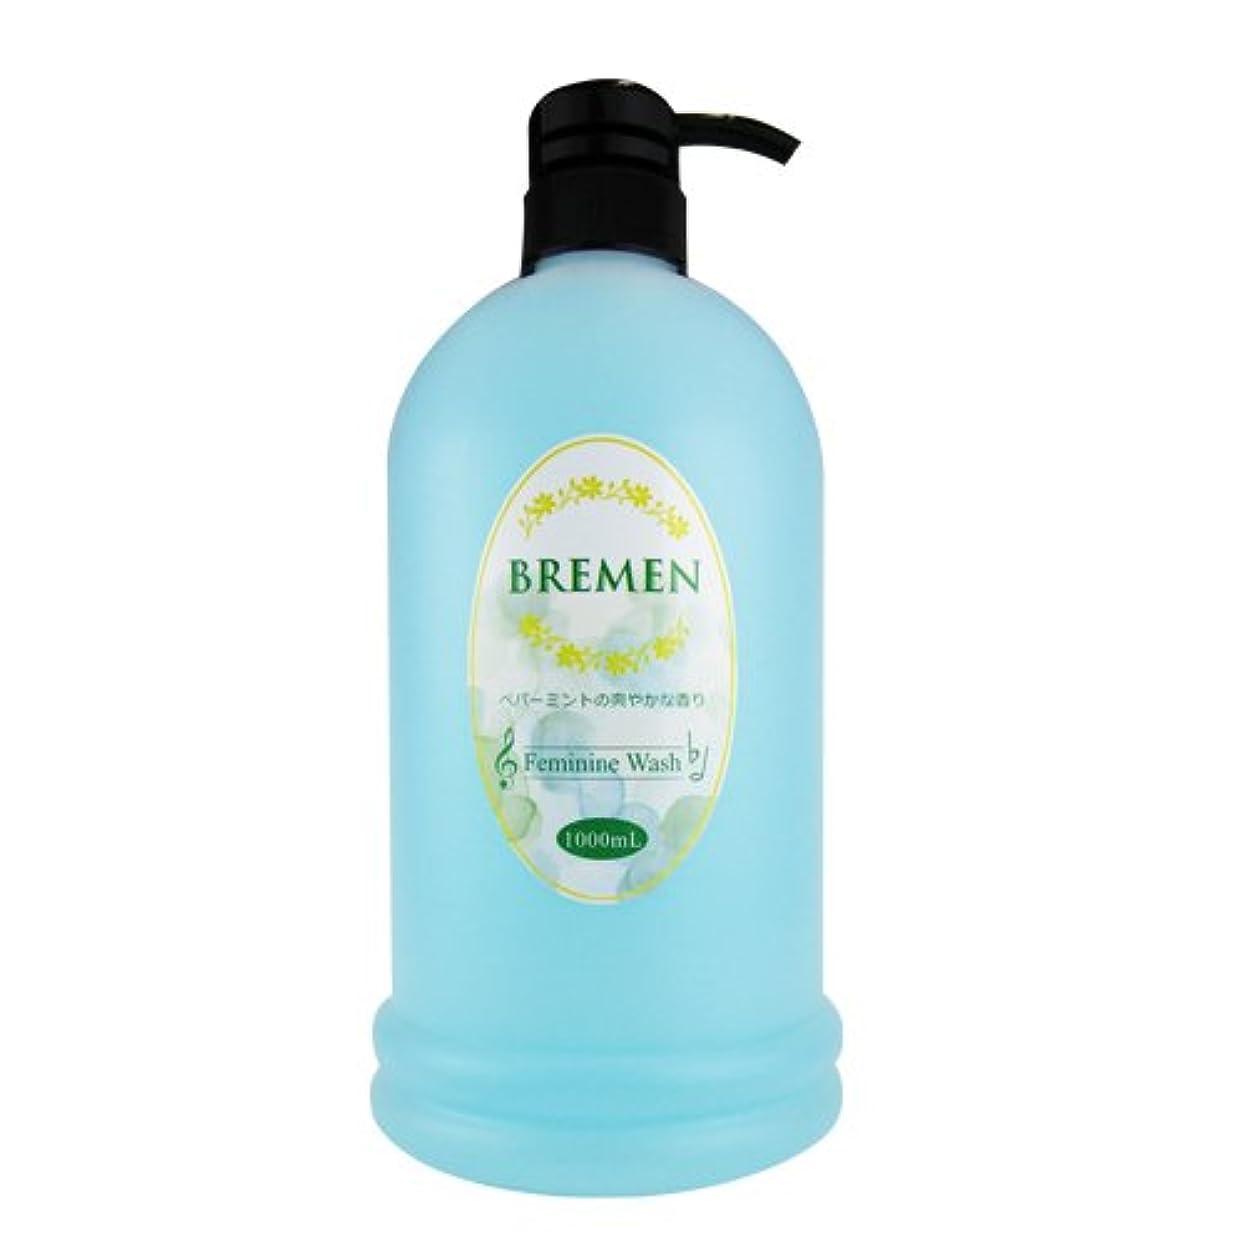 申し立てキャッチ均等にブレーメン(BREMEN) フェミニンウォッシュ(Feminine Wash) 1000ml ペパーミントの爽やかな香り